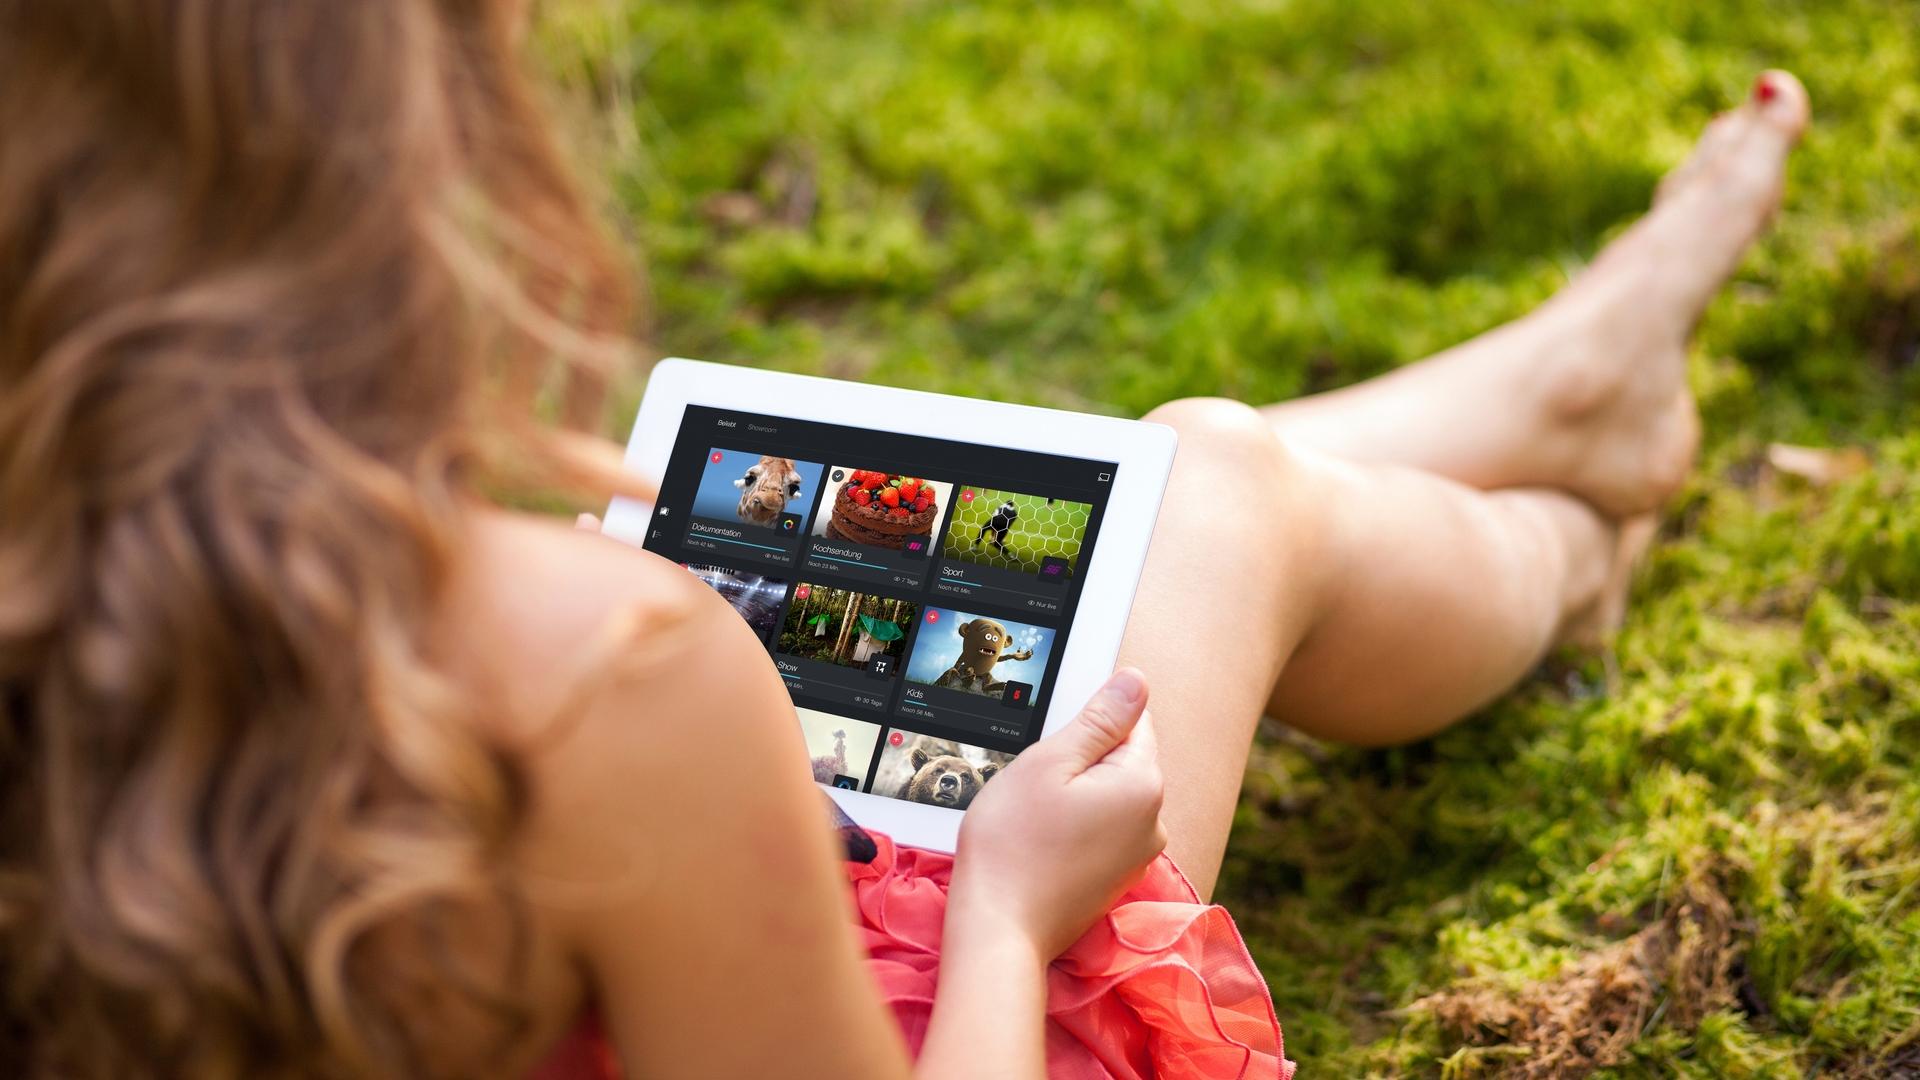 Gratis Fernsehen Im Internet Ohne Anmeldung Diese Legalen